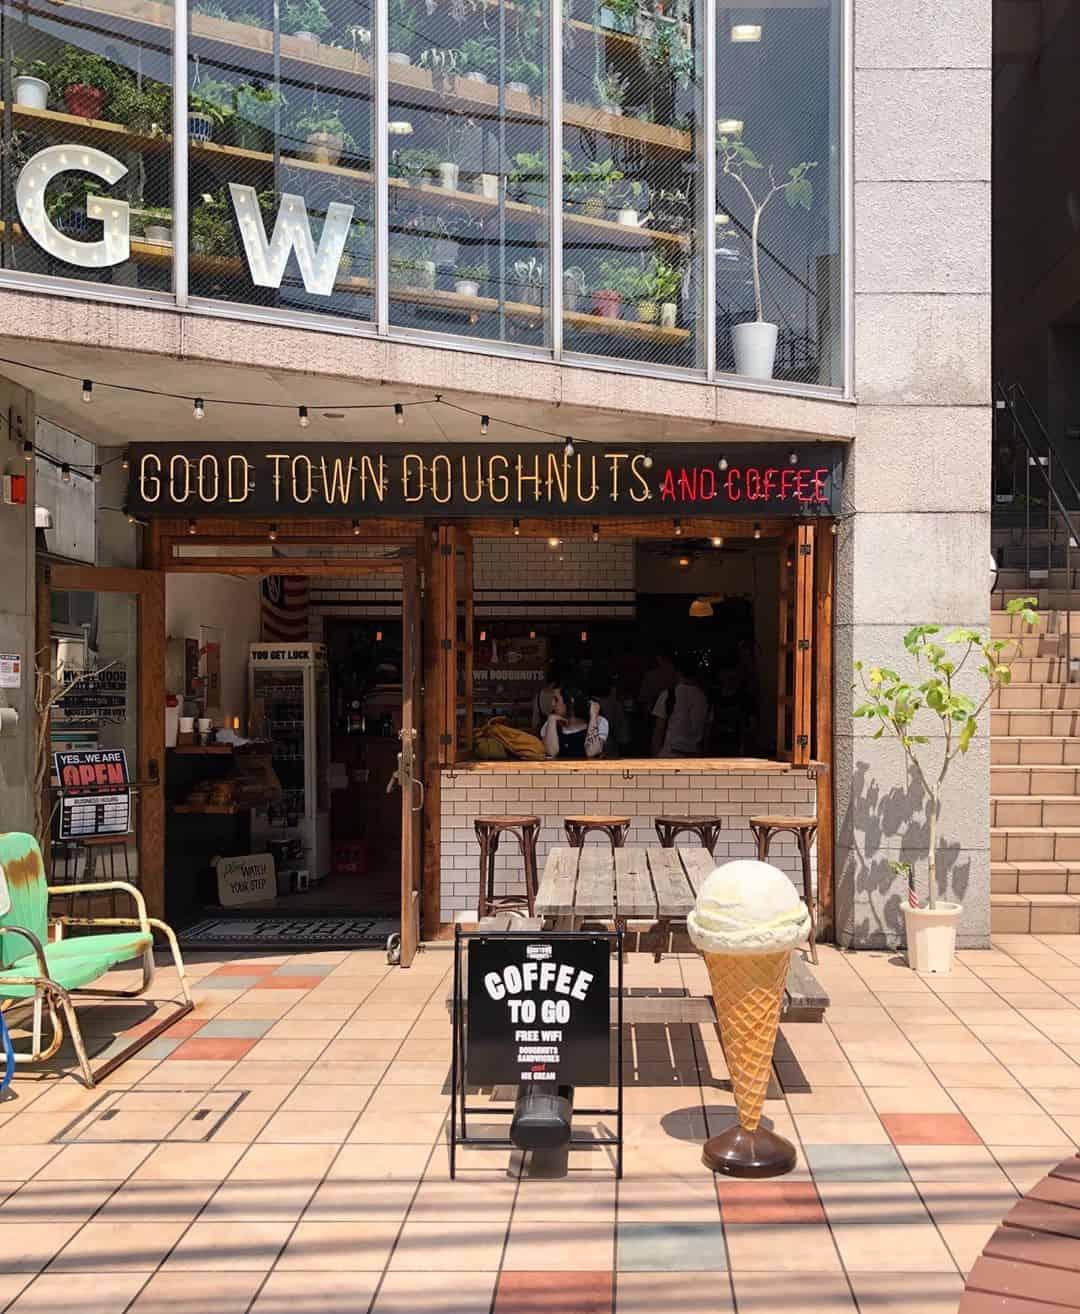 บรรยากาศของร้าน Good Town Doughnuts and Coffee